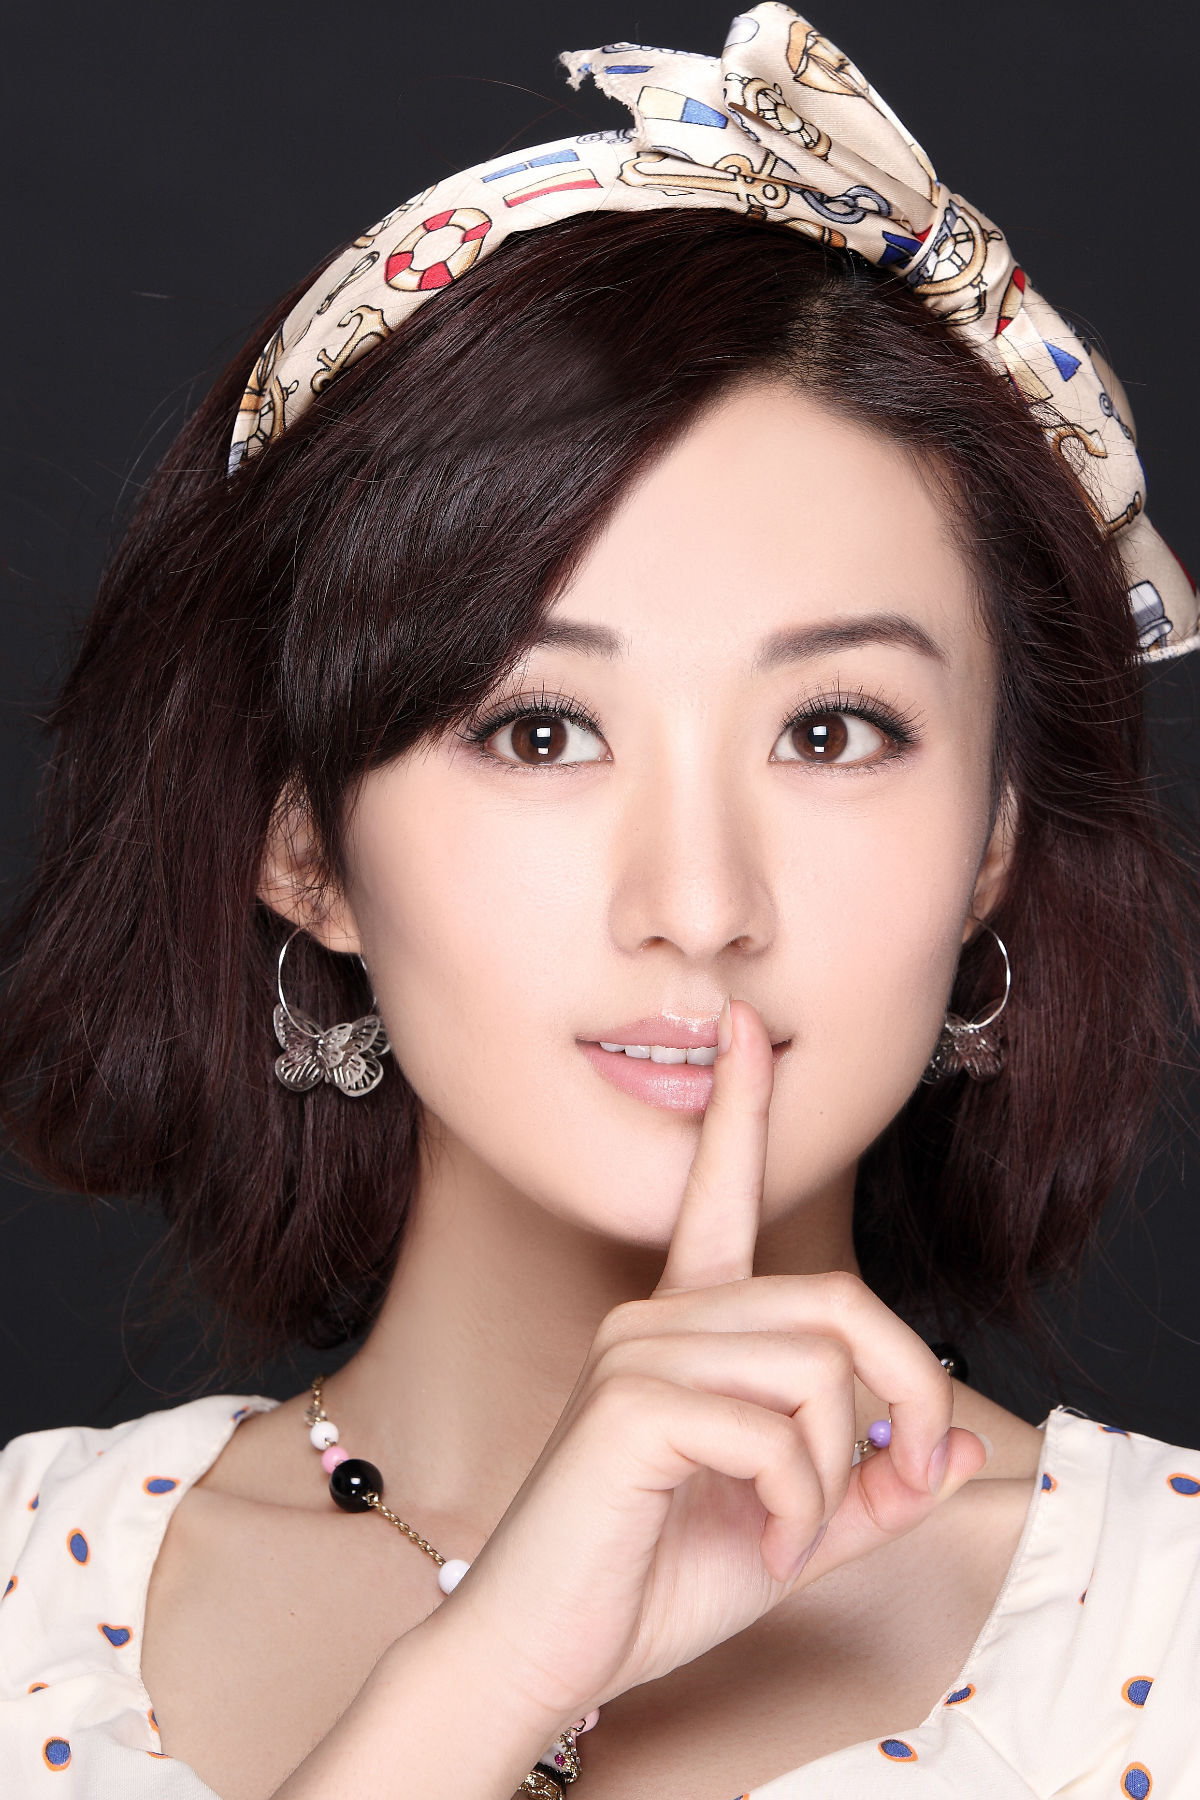 赵丽颖个人资料 赵丽颖图片 赵丽颖演过的电视剧 赵丽颖陈晓